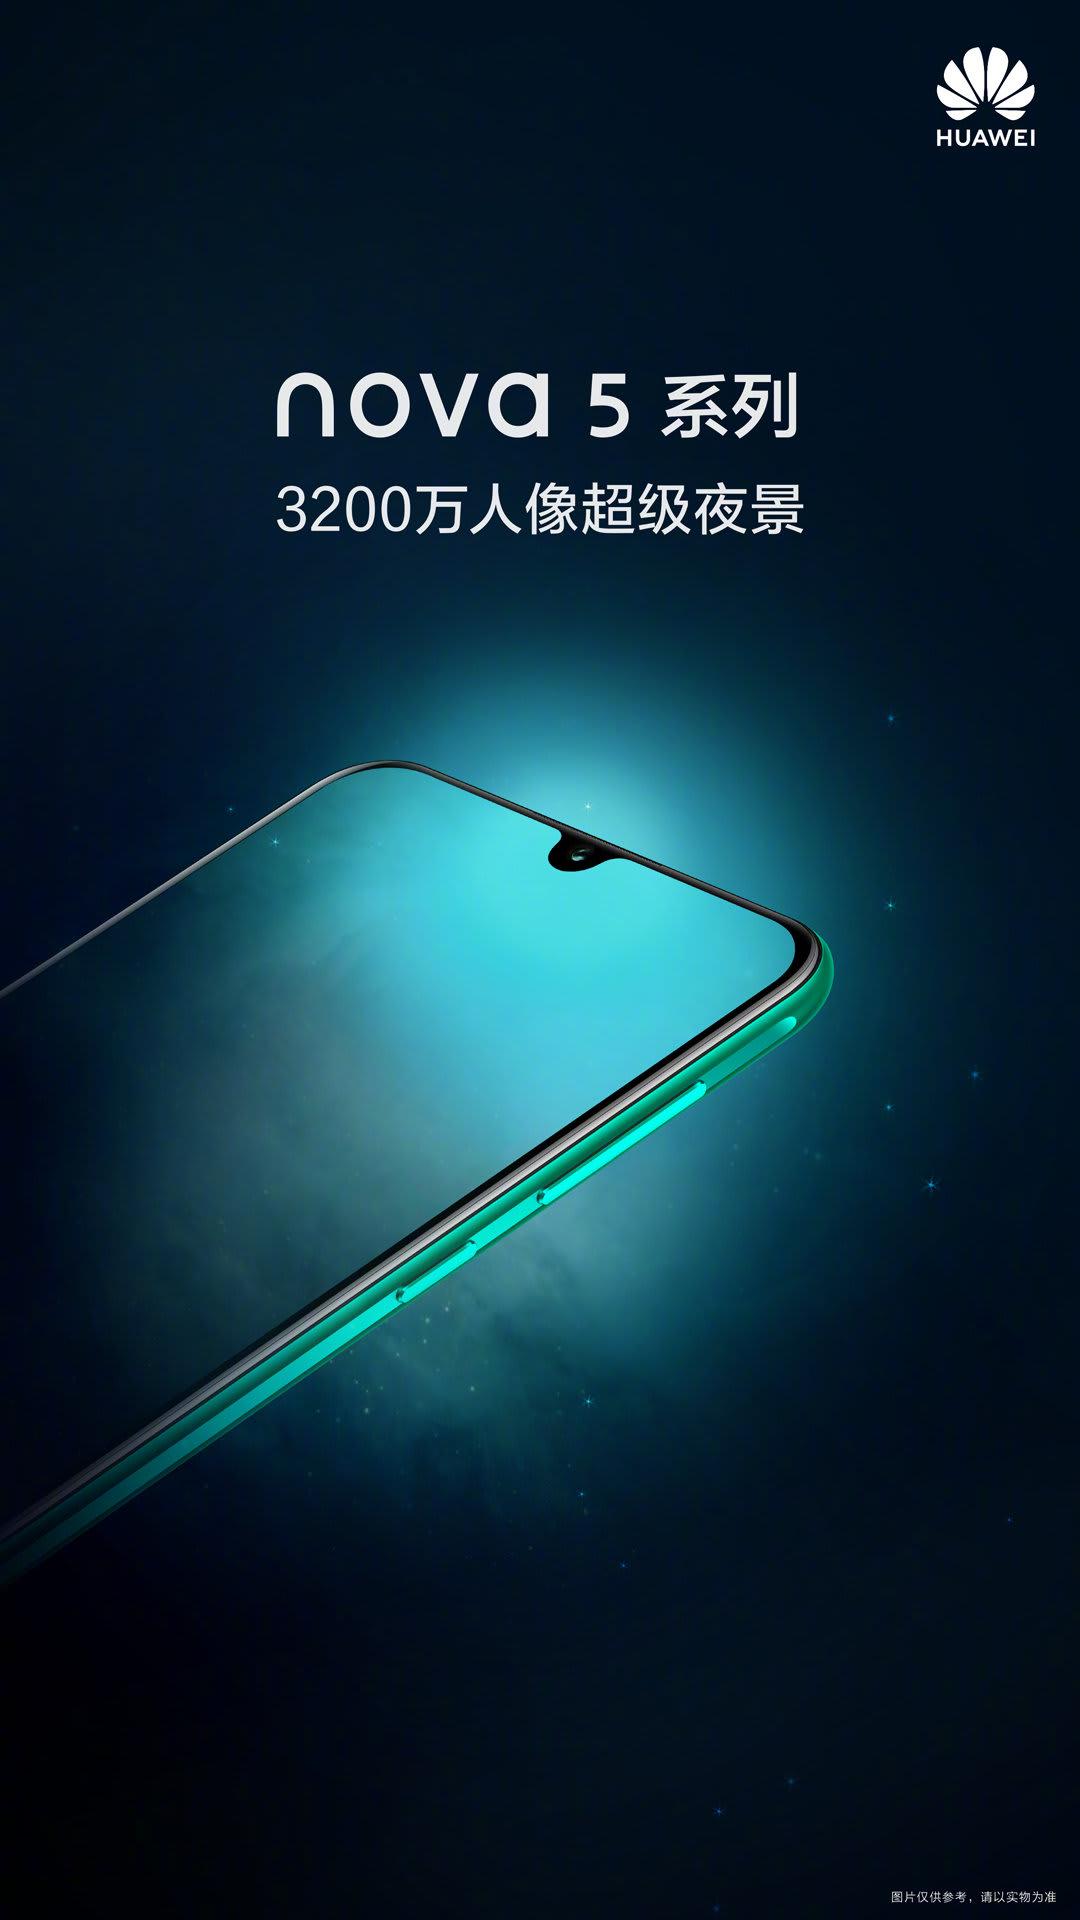 Huawei Nova 5 Poster